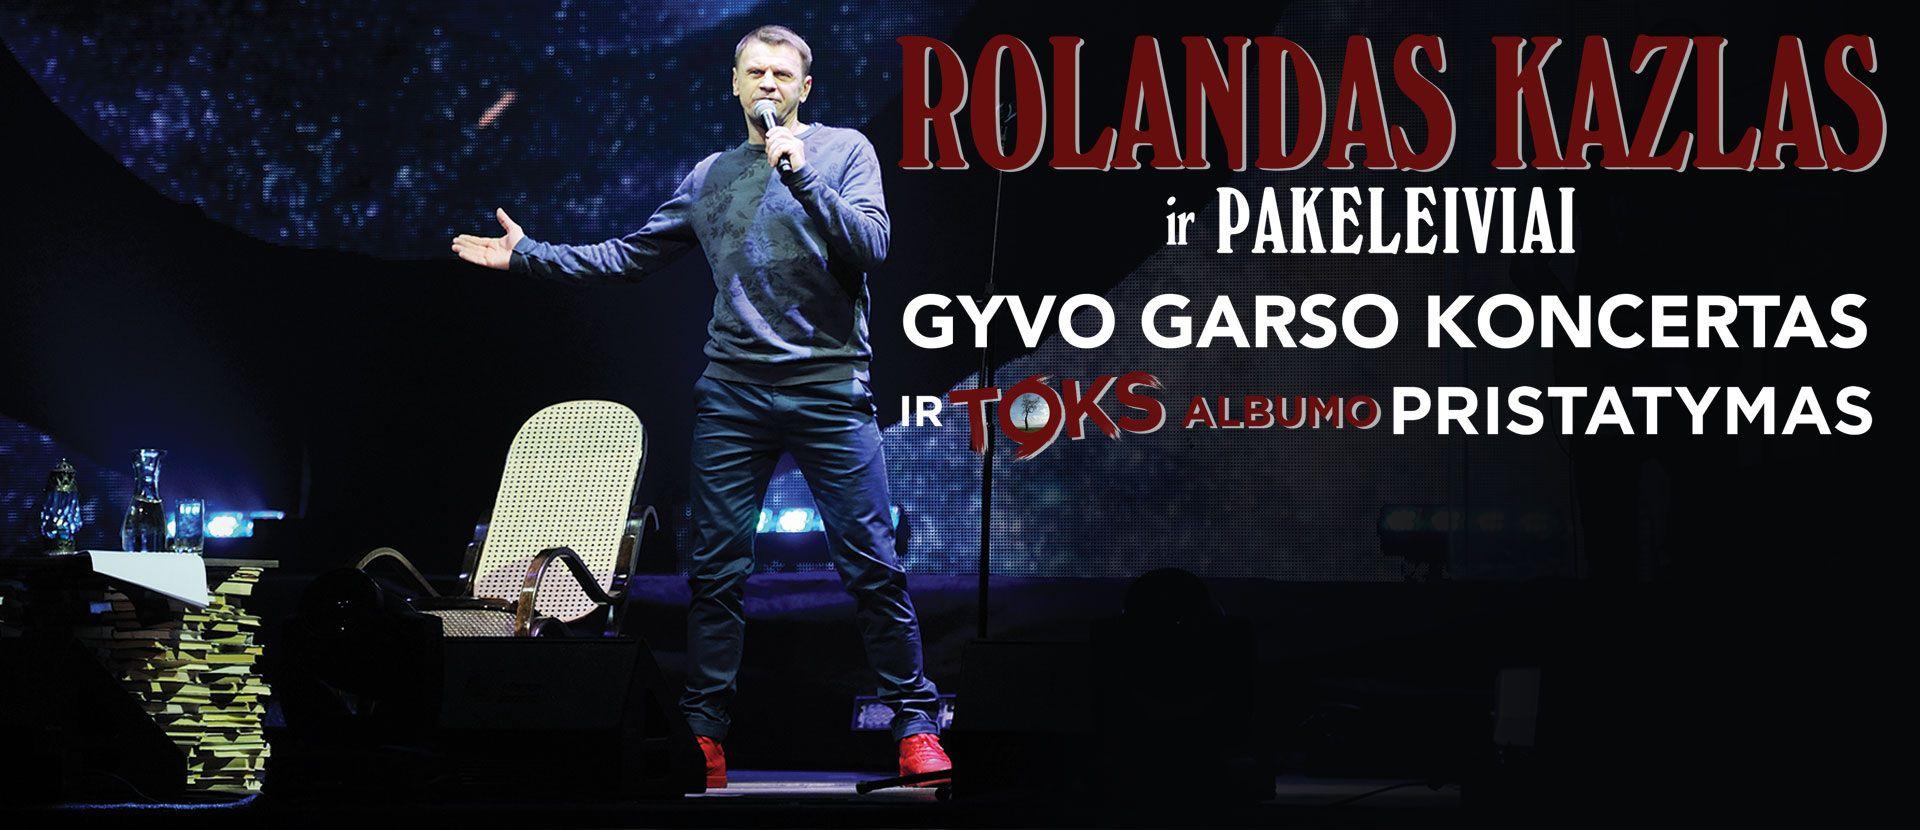 ROLANDAS KAZLAS ir Pakeleiviai Gyvo garso koncertas ir TOKS albumo pristatymas